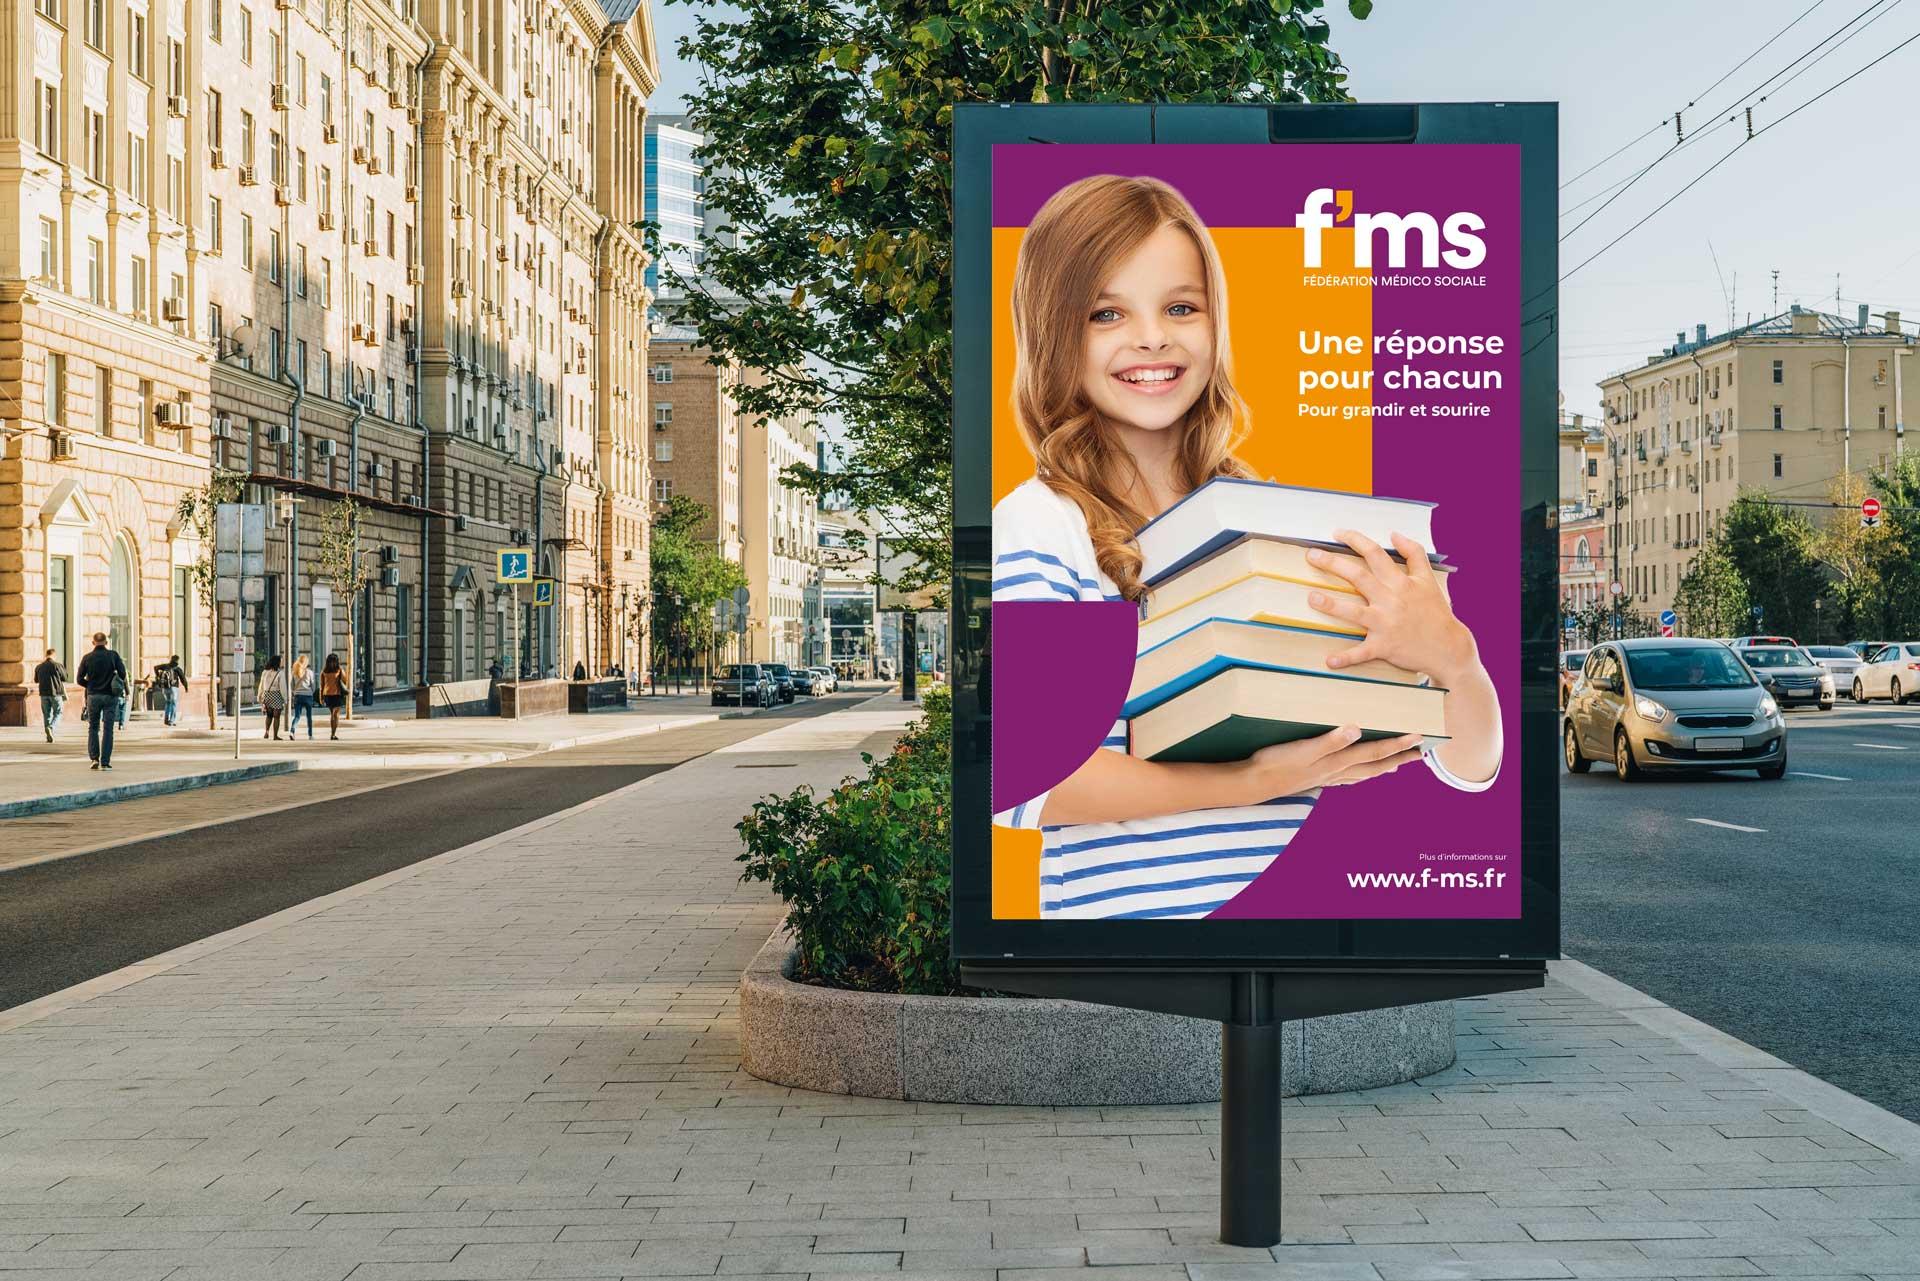 lezardscreation agence communication publicite vosges remiremont fms fms adobestock copie